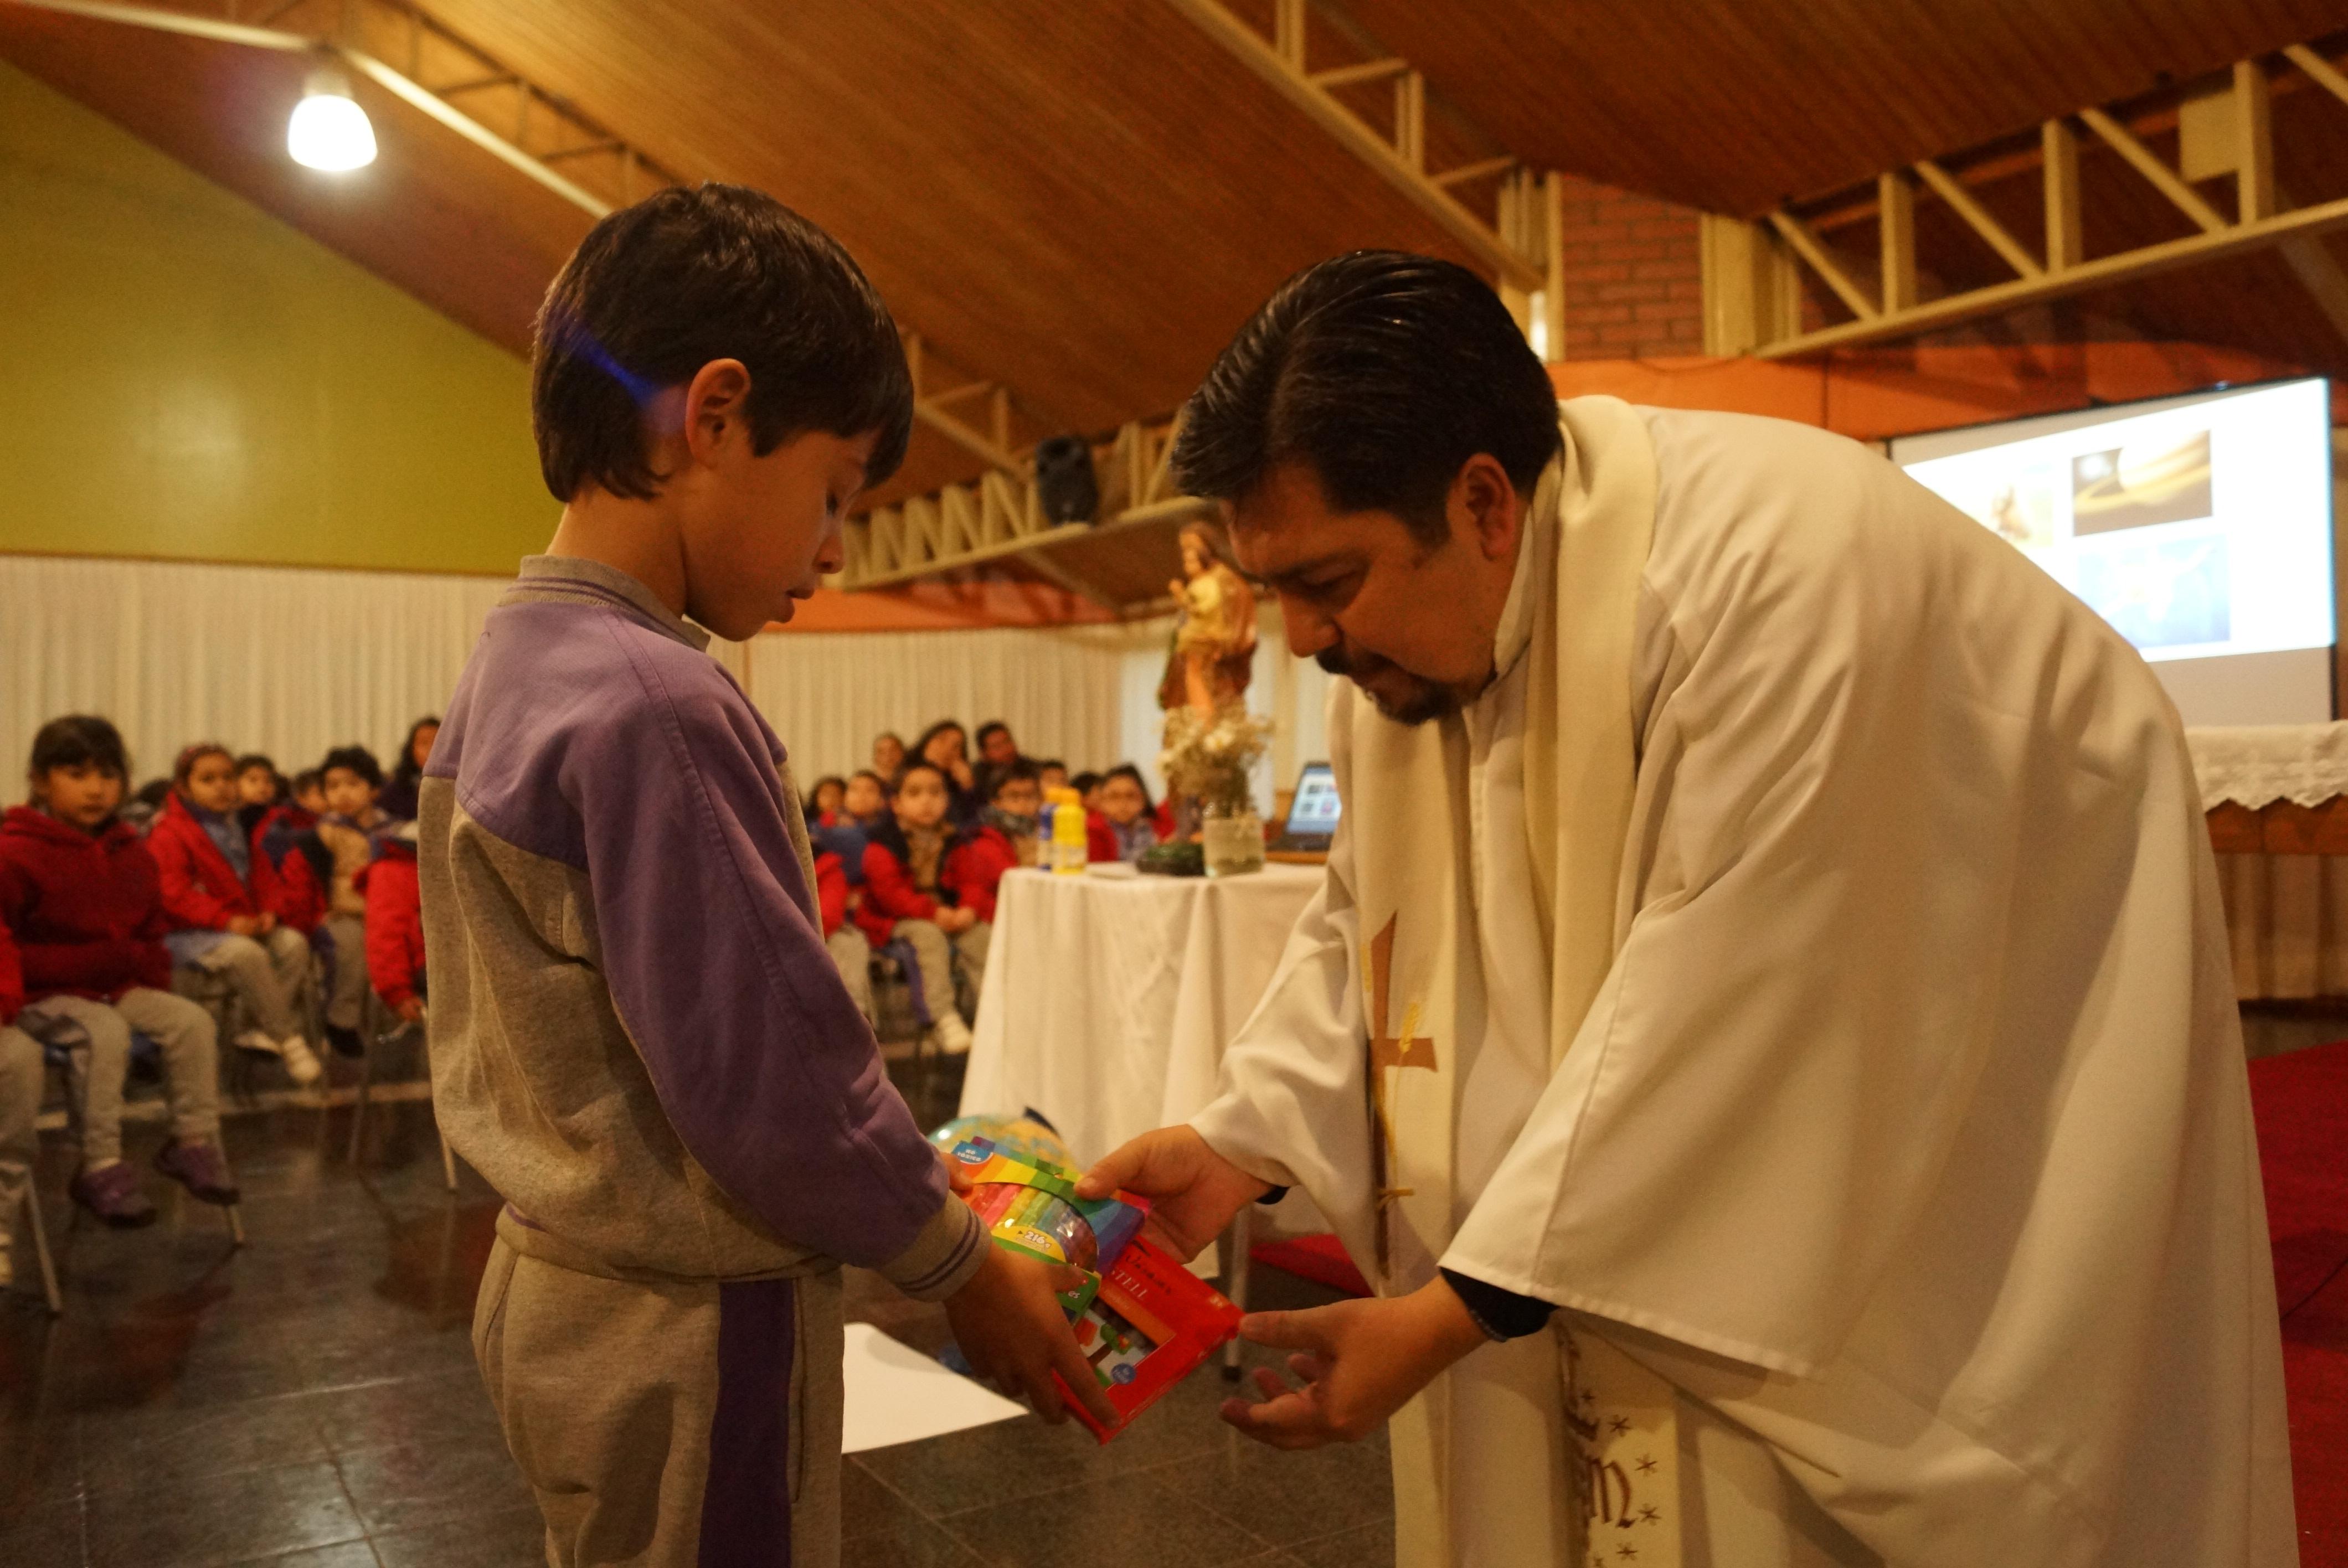 Estudiantes honraron el Día del Trabajador en una liturgia alegre y emotiva